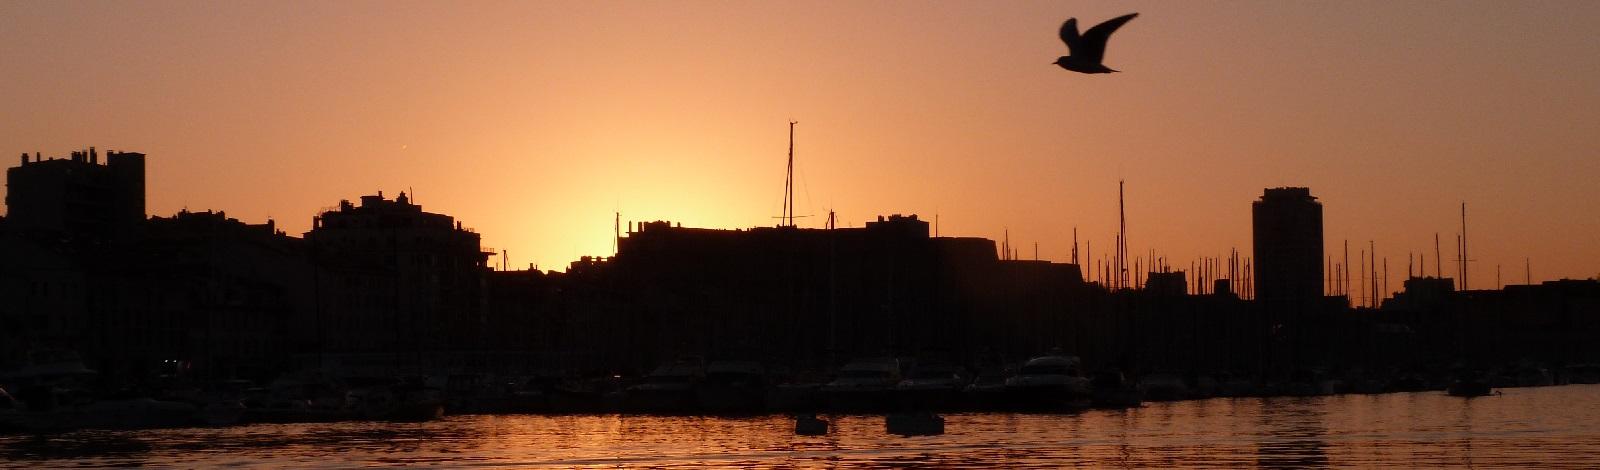 Photo Vieux port de Marseille, coucher de soleil